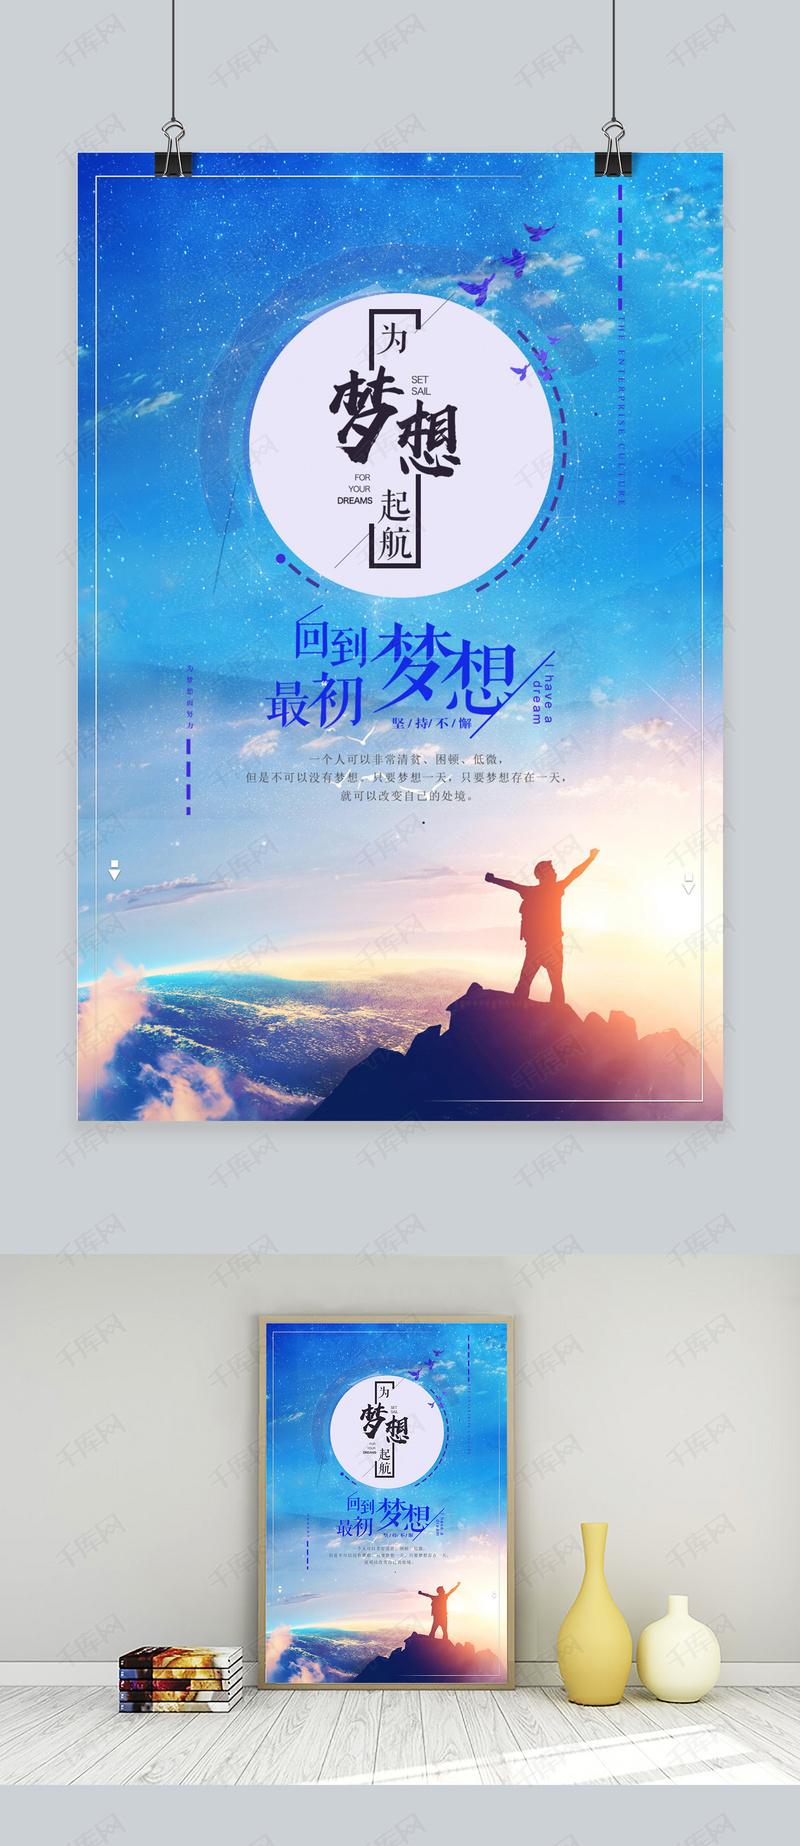 千库原创企业文化合作共赢梦想团队方向拼搏海报